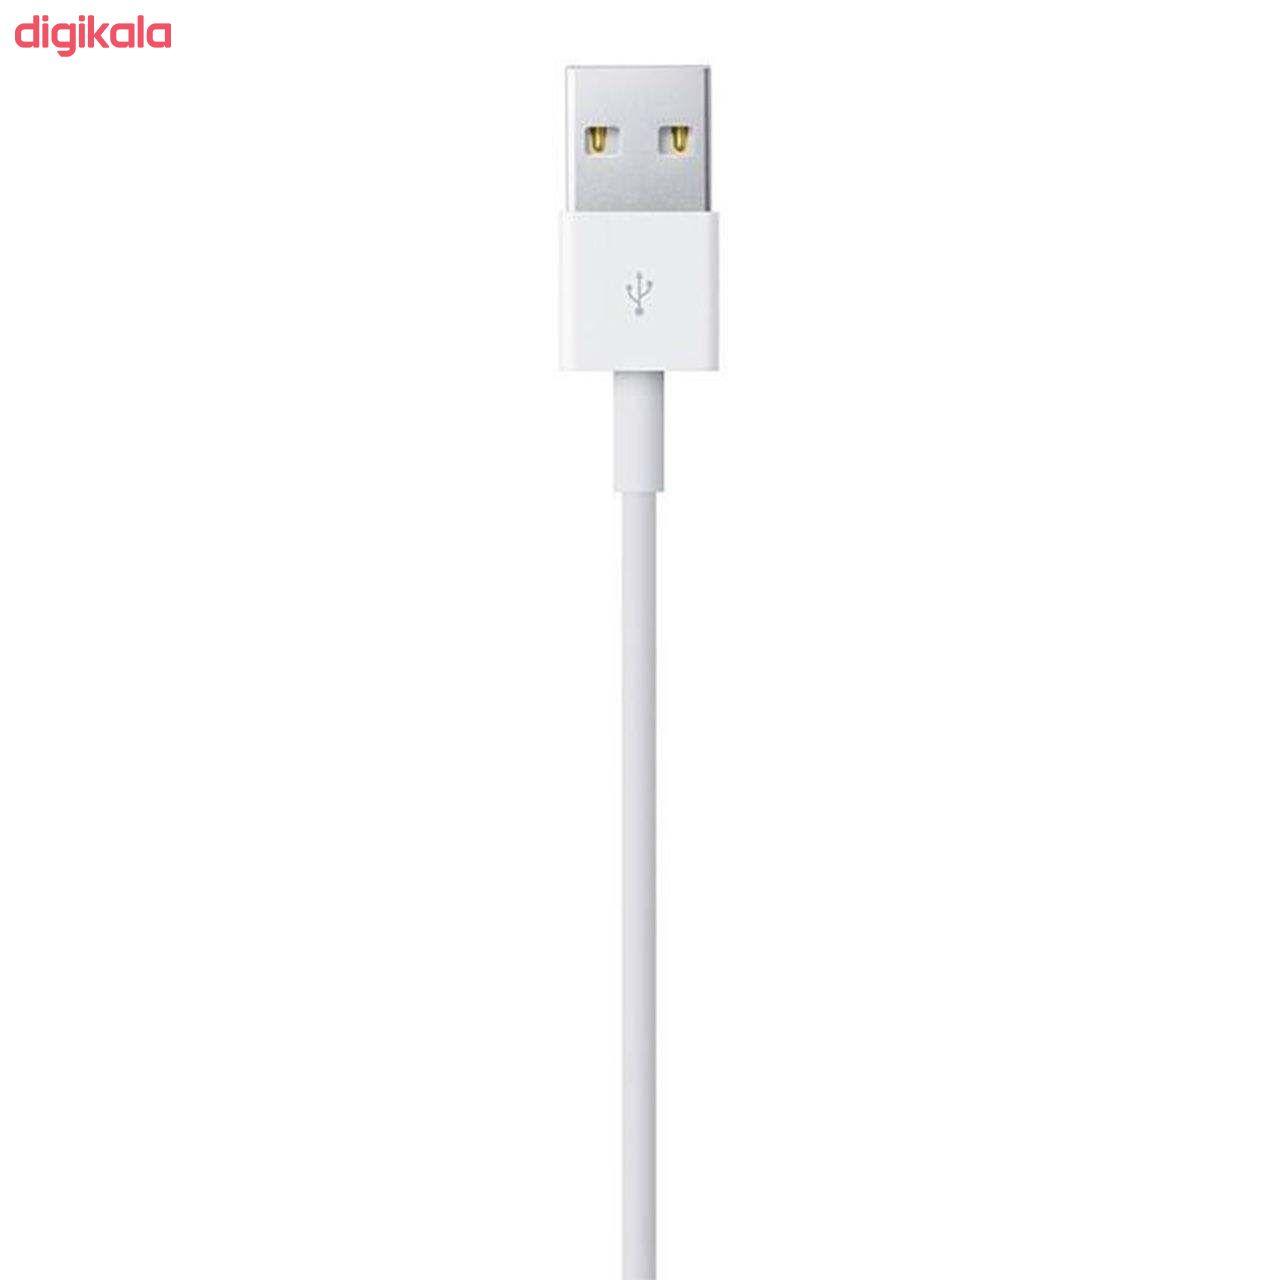 کابل تبدیل USB به لایتنینگ مدل MD818FE/A طول 1 متر   main 1 12